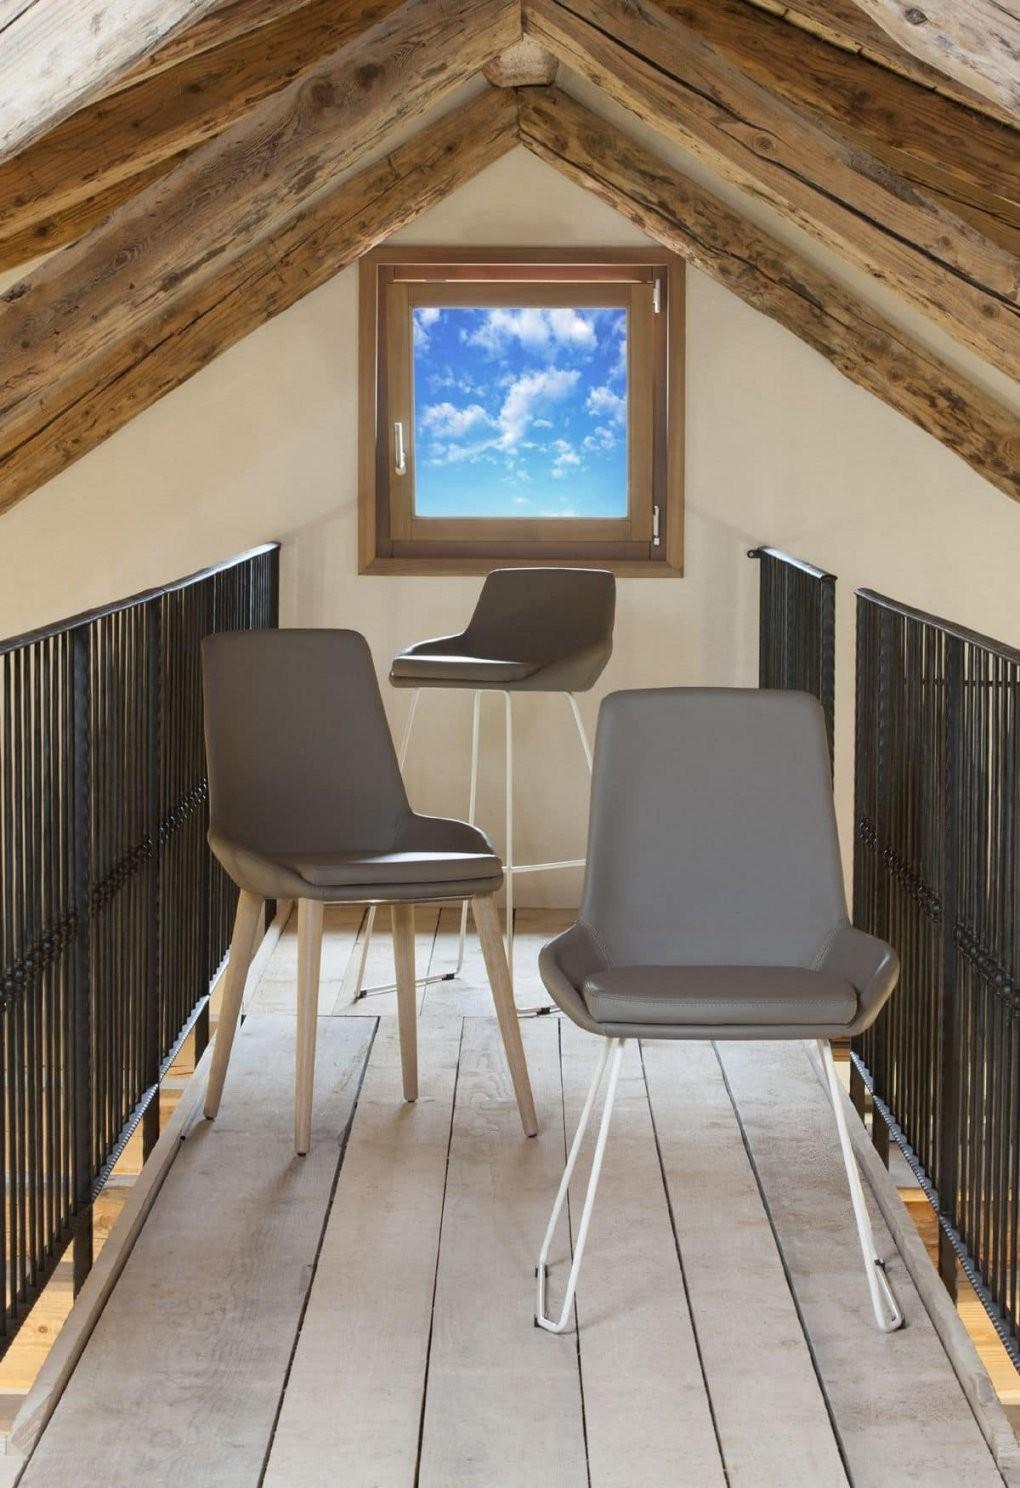 Stuhl Mit Sitz Und Rückenlehne Mit Leder Bezogen Modernes Design von Stühle Modernes Design Bild